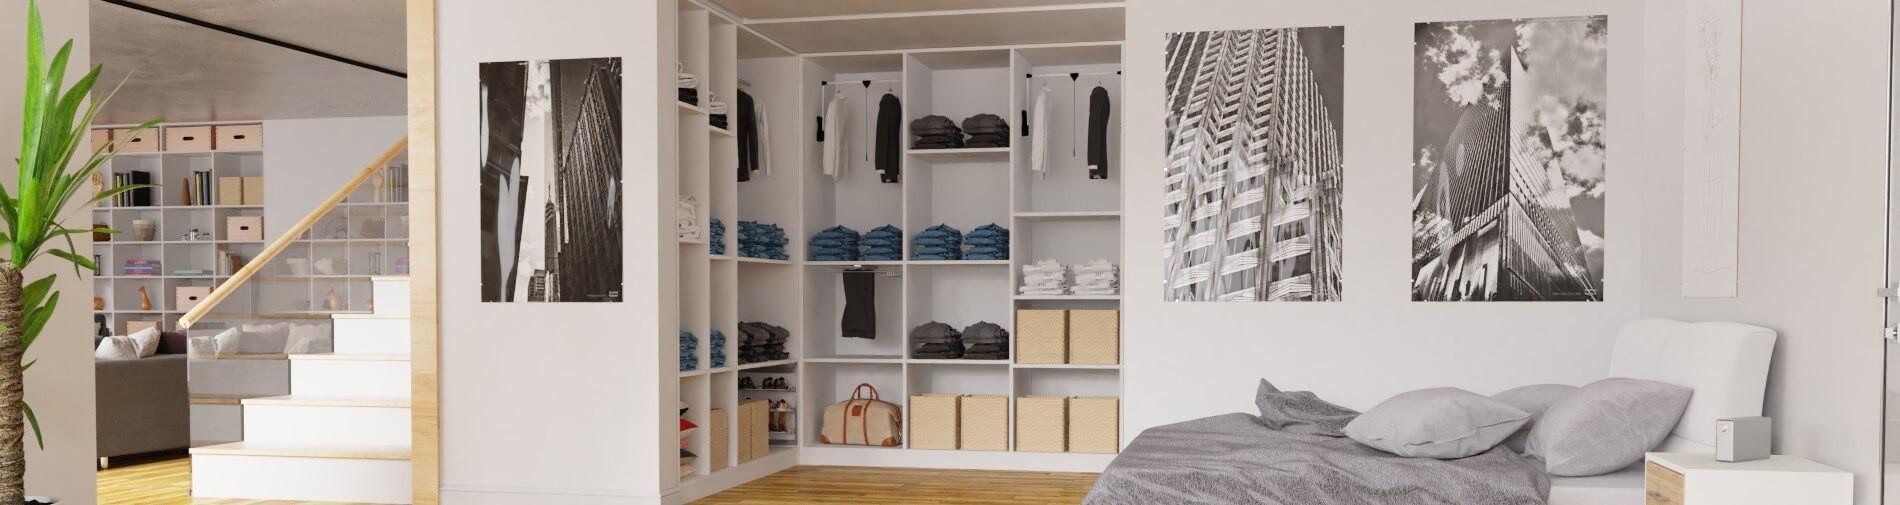 schranksystem nach maß für´s schlafzimmer planen | schrankplaner.de